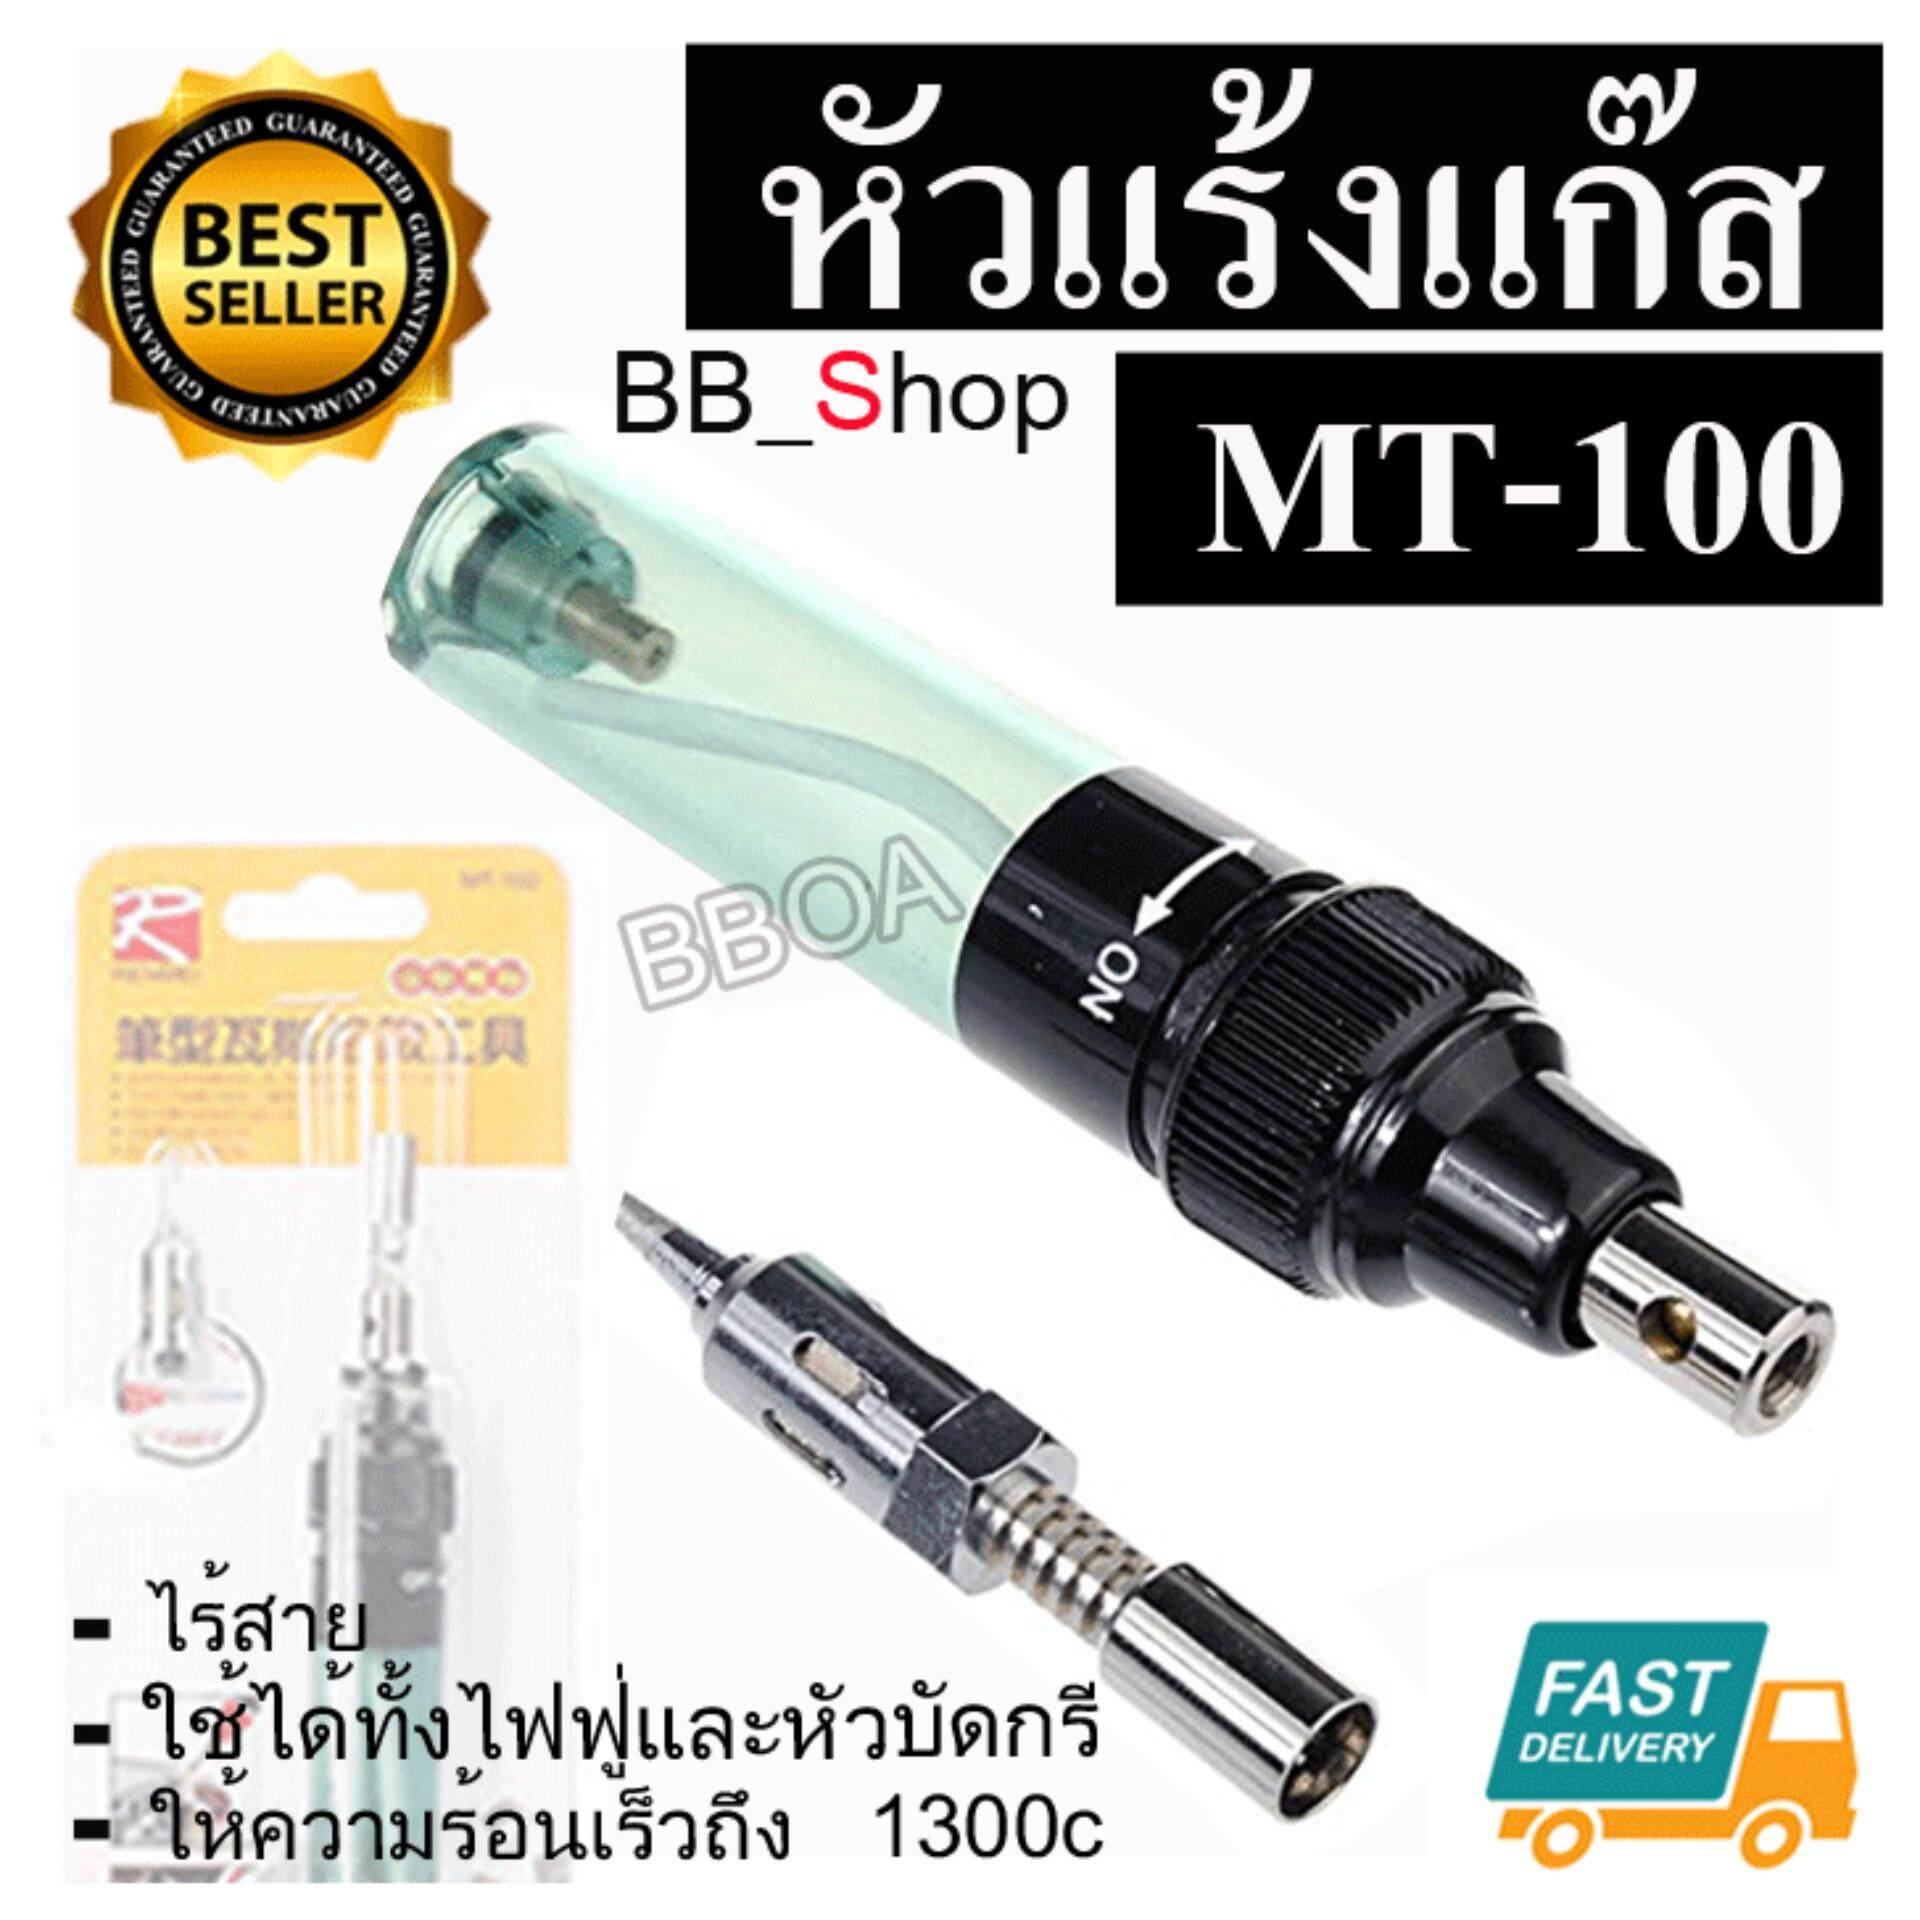 MT-100 Gas Blow Torch บัดกรีระบบแก็ส หัวแร้ง บัดกรีแบบเติมแก๊ส หัวแร้งแก๊ส ไร้สาย ให้ความร้อนเร็วถึง 1300cc